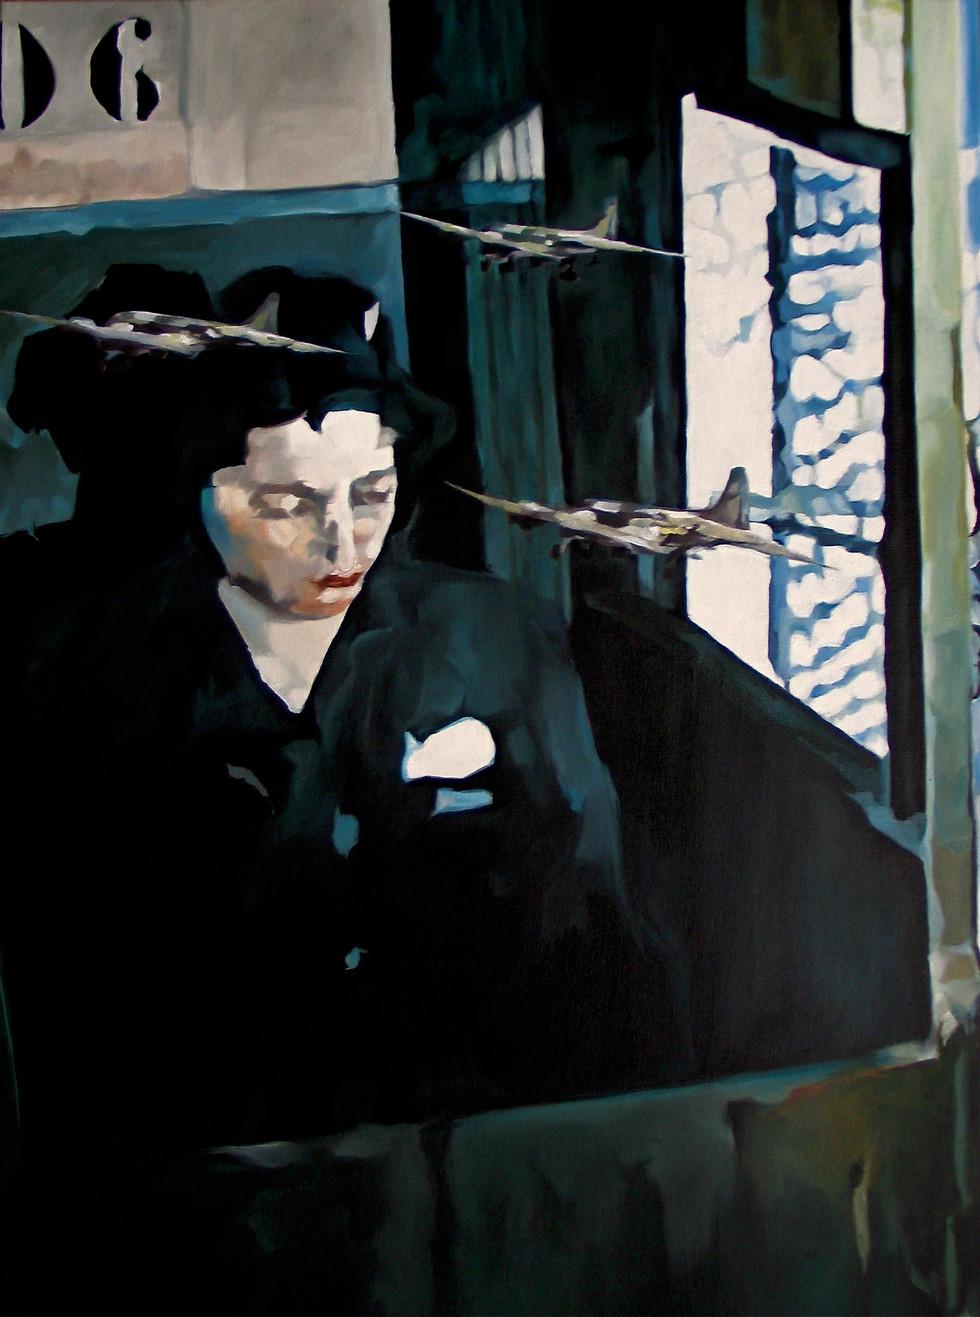 Persona, huile sur toile, 80 x 60 cm, 2010 (collection particulière Paris)